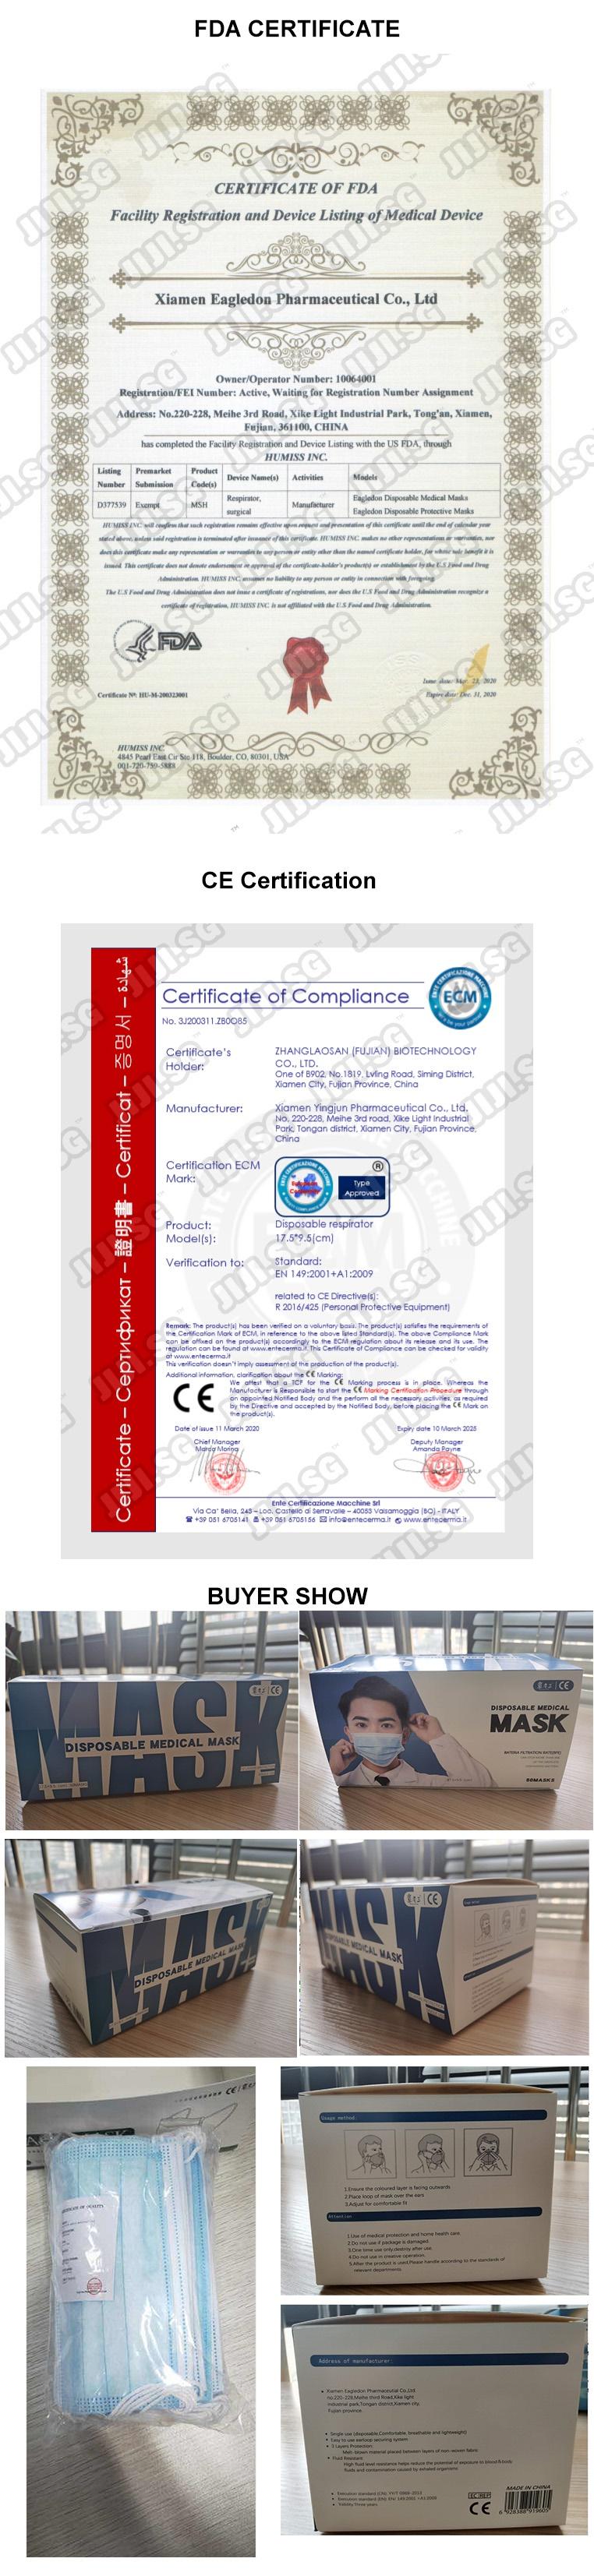 d00319d7-4a0e-45bb-bd5f-4813051a0cc0.jpg